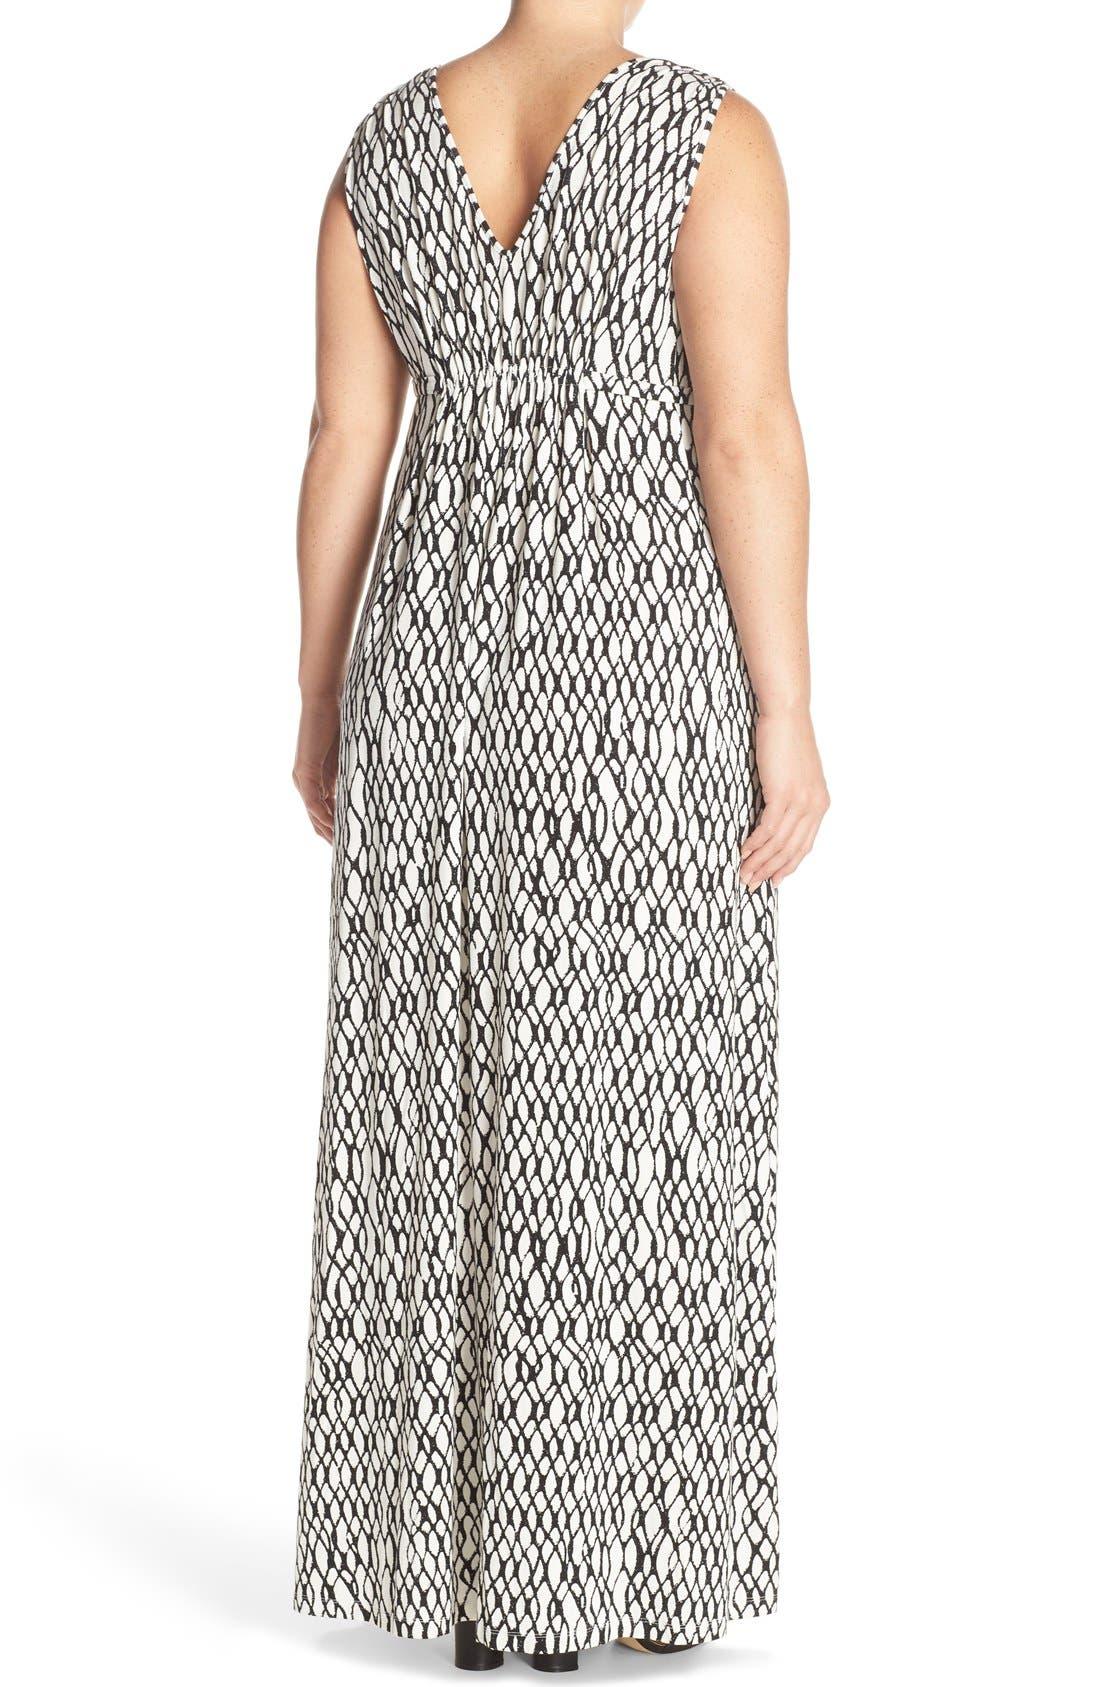 Grecia Sleeveless Jersey Maxi Dress,                             Alternate thumbnail 40, color,